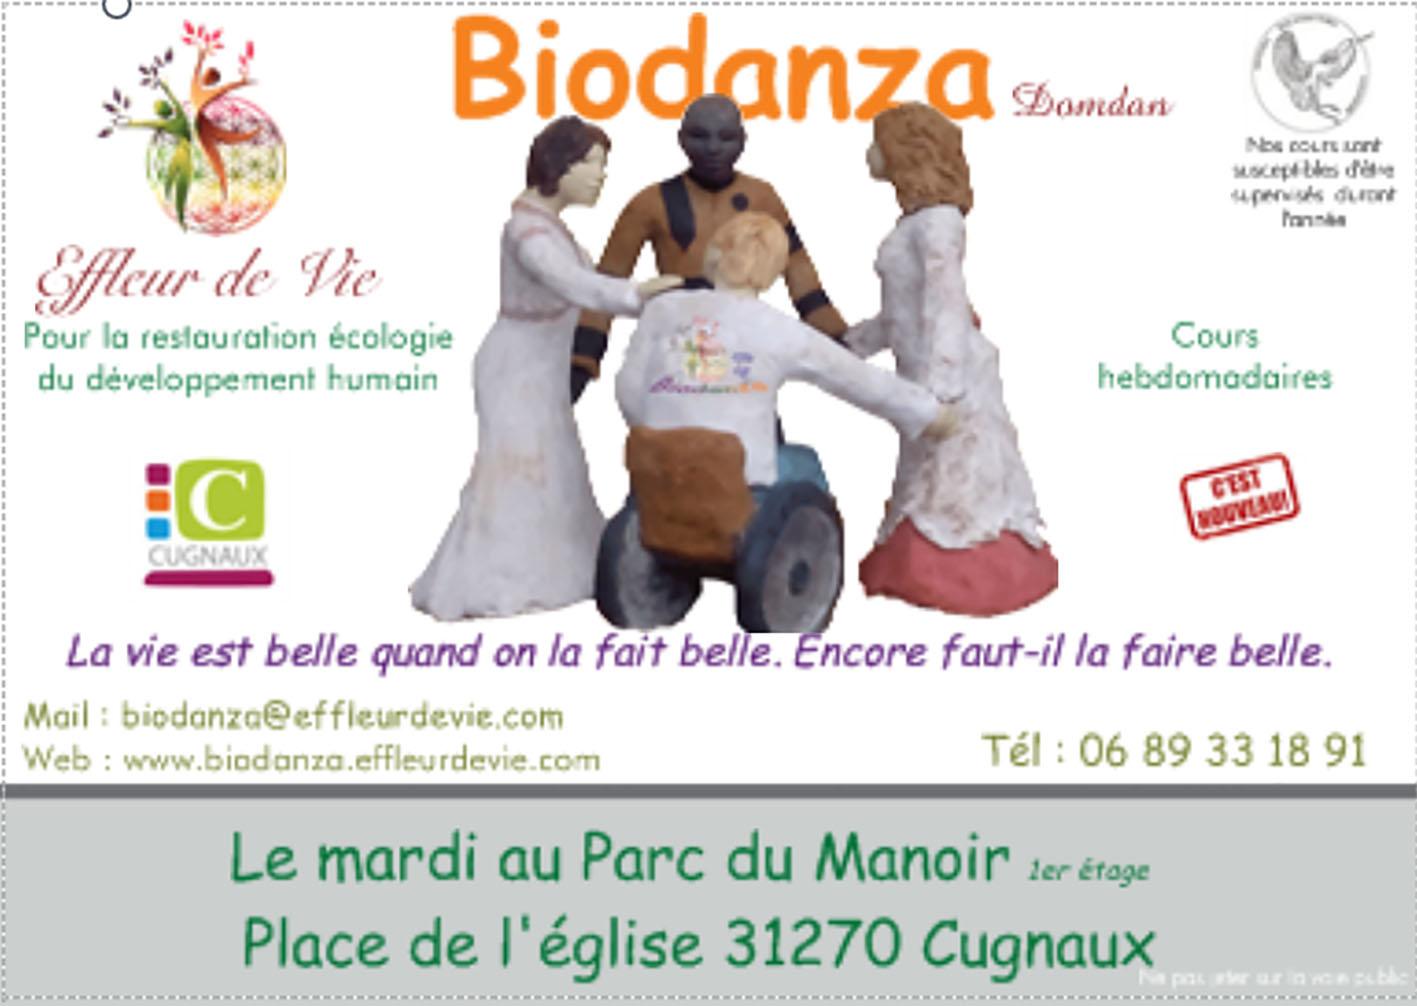 biodanza-pour-tous-le-mardi-parc-du-manoir-